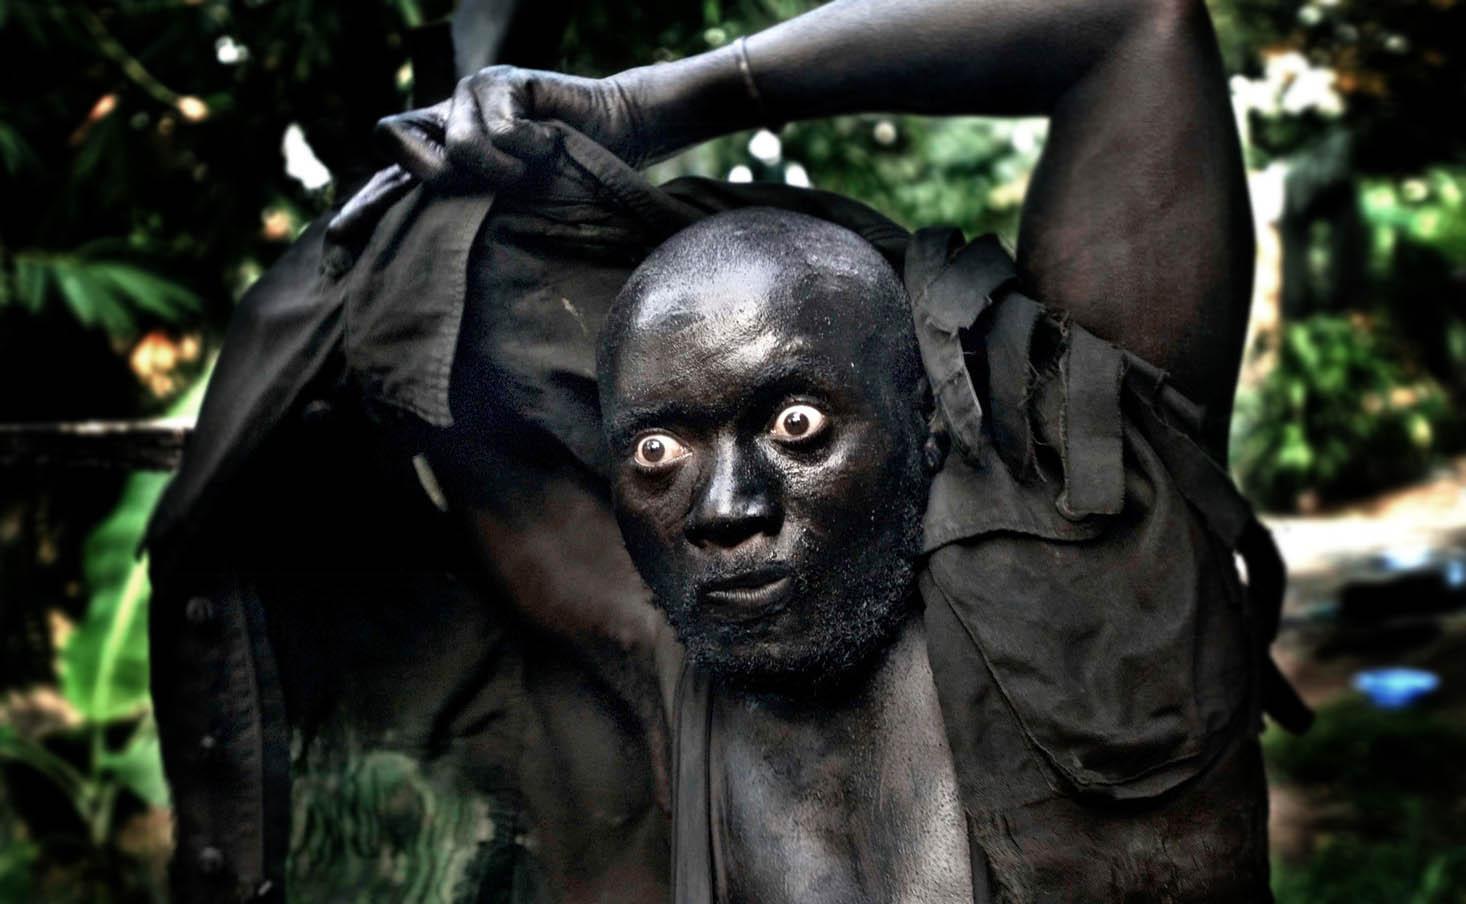 Фото африканских негров 17 фотография